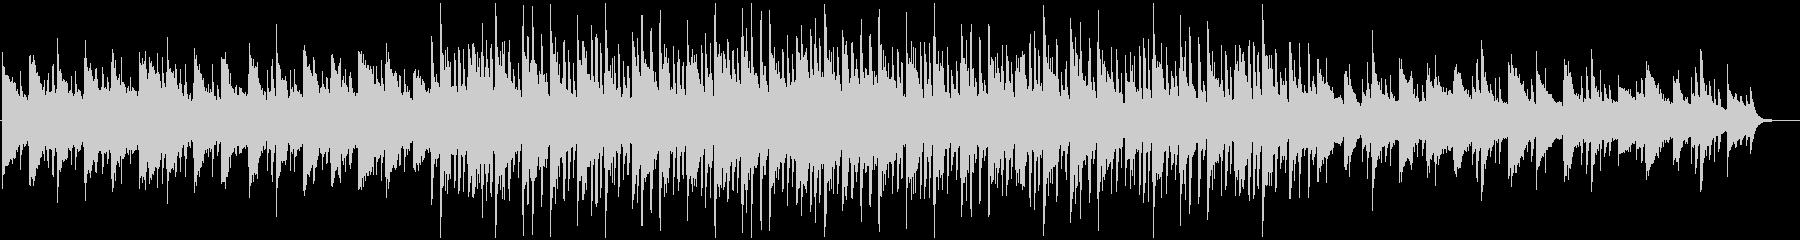 雄大で幻想的なピアノのBGMの未再生の波形